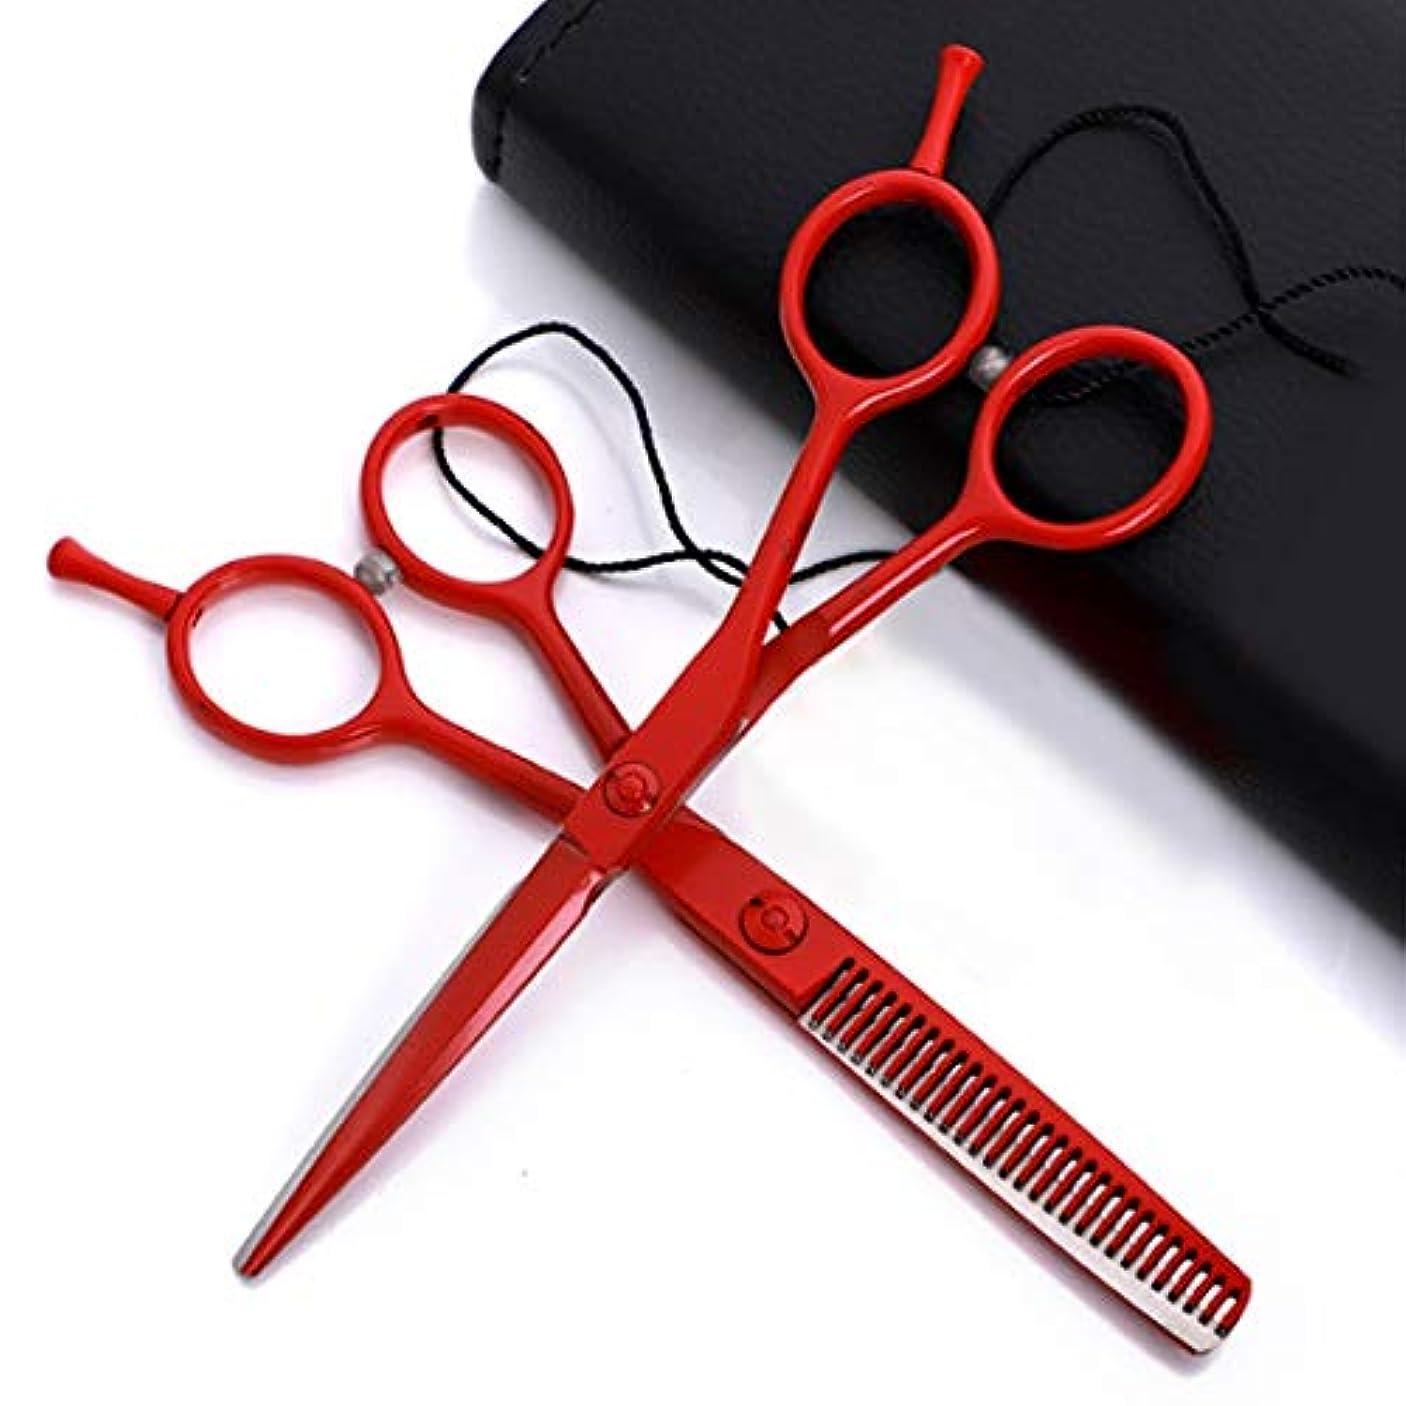 生きるラジウムそよ風色塗装理髪用ハサミ5.5インチ - はさみ髪プロのはさみキットフラットはさみ/歯はさみ ヘアケア (色 : Red flat+tooth suit)